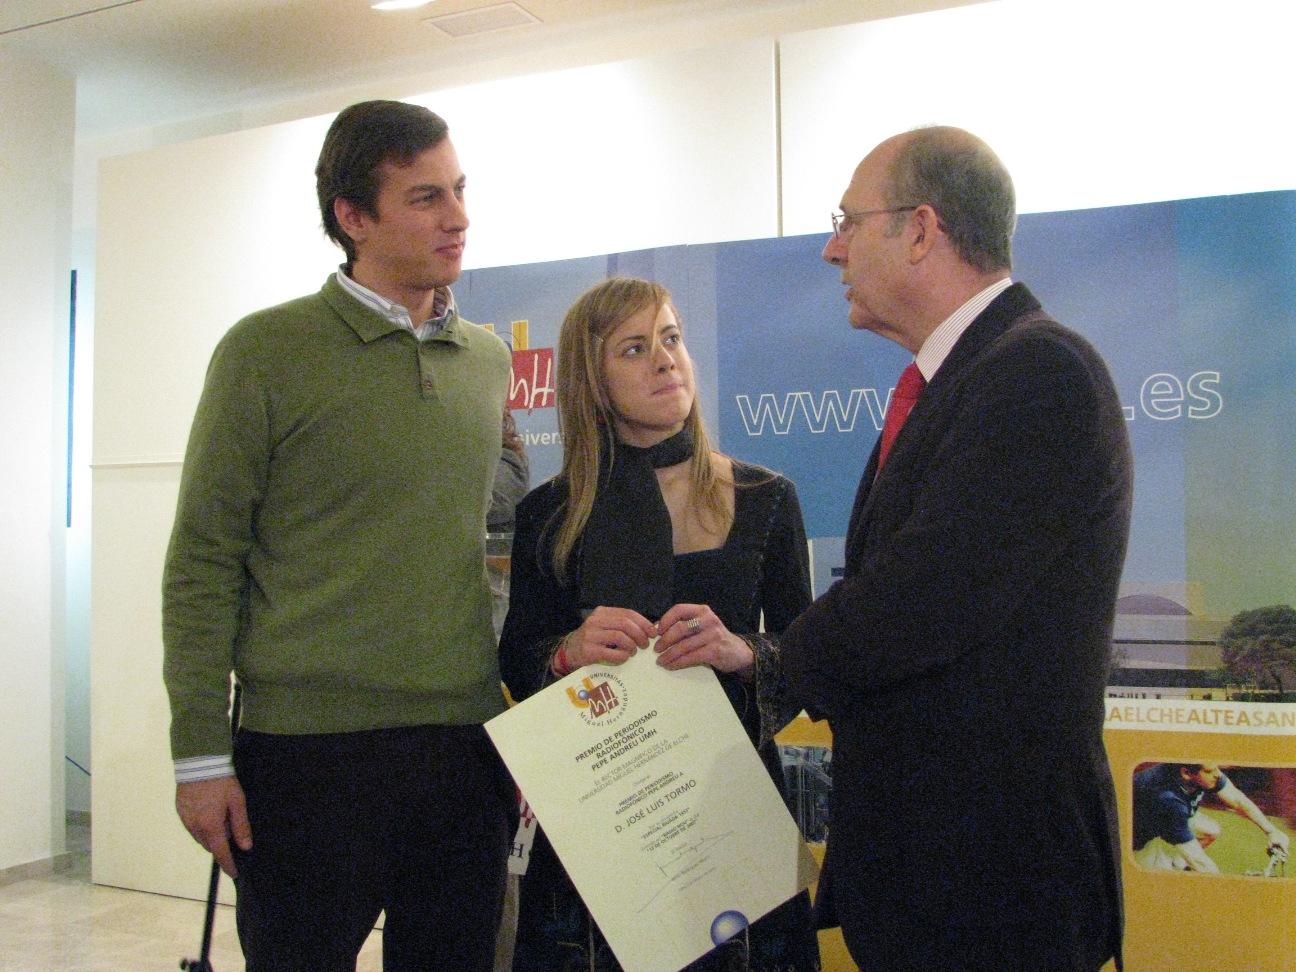 Premio Pepe Andreu 09 022